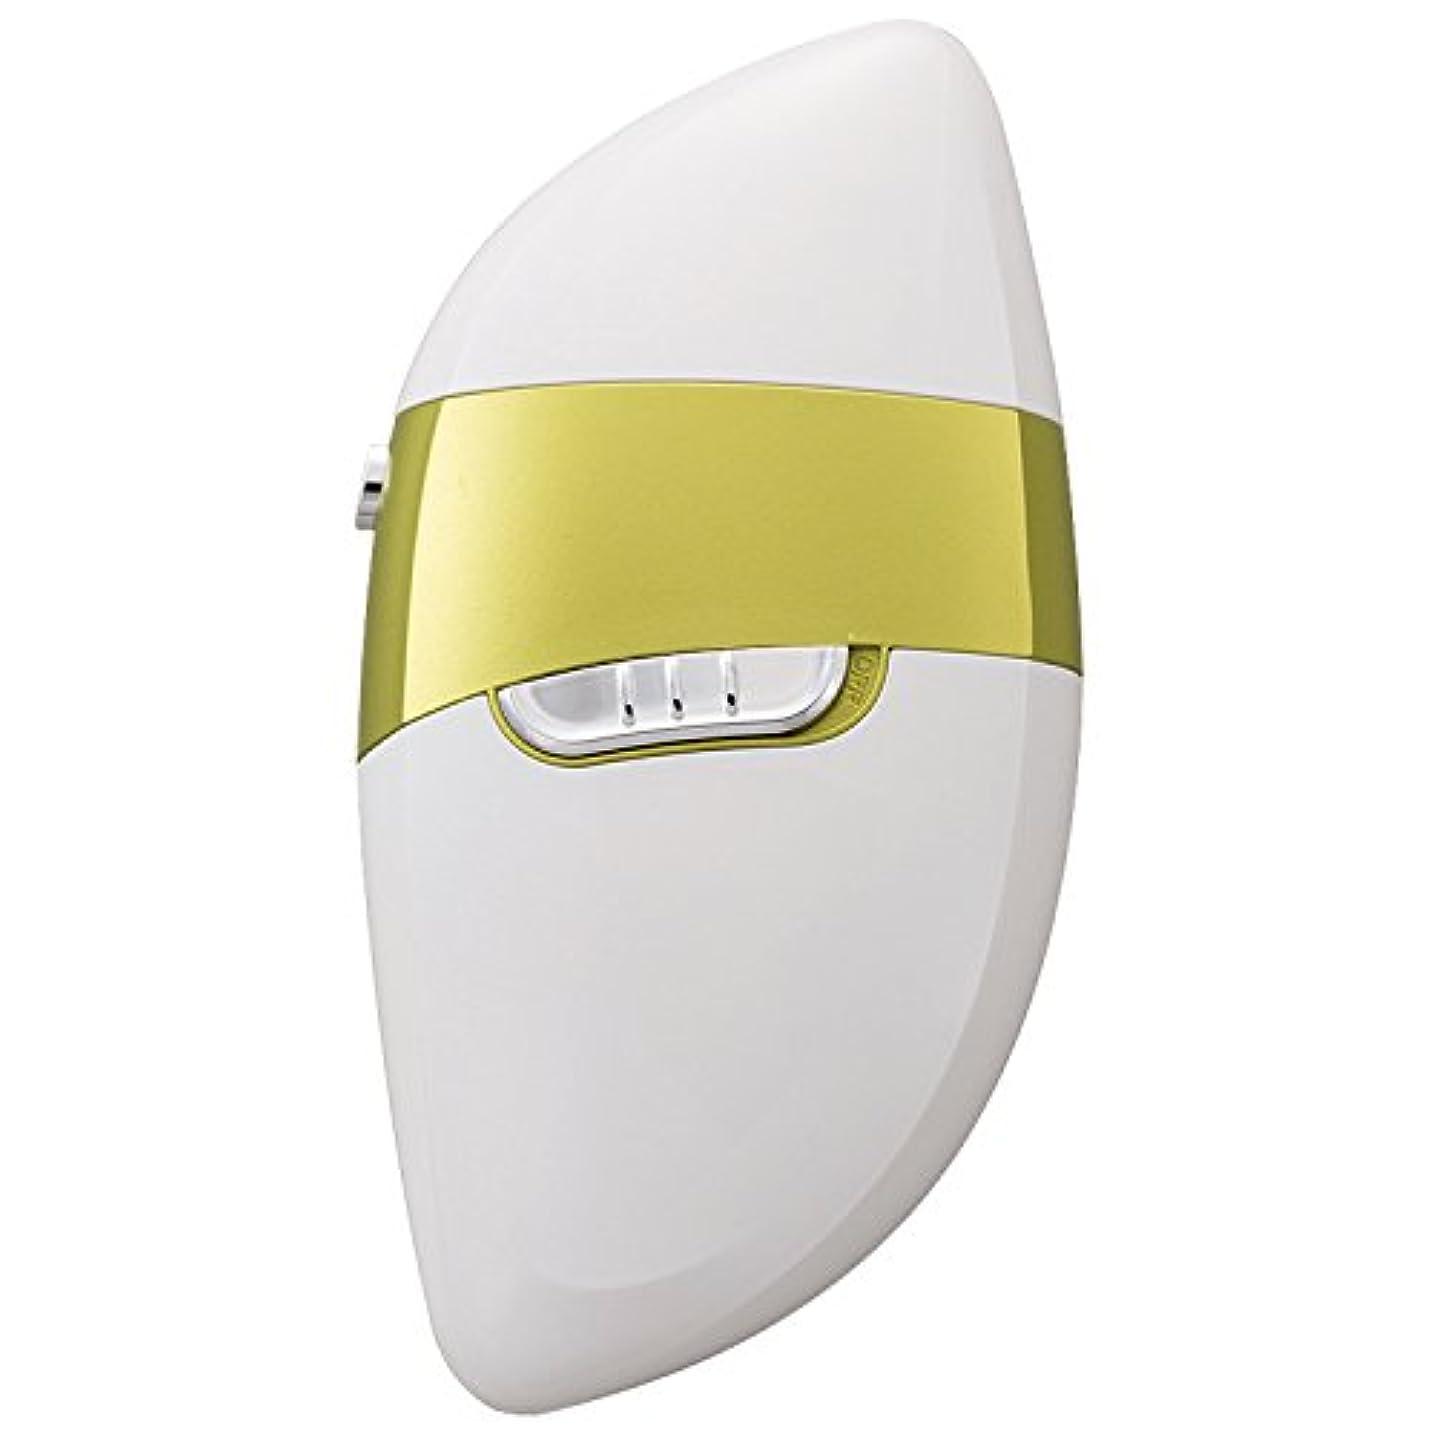 香りフェッチ荒廃するマリン商事 電動爪切り Leaf 角質ローラー付 EL-50176